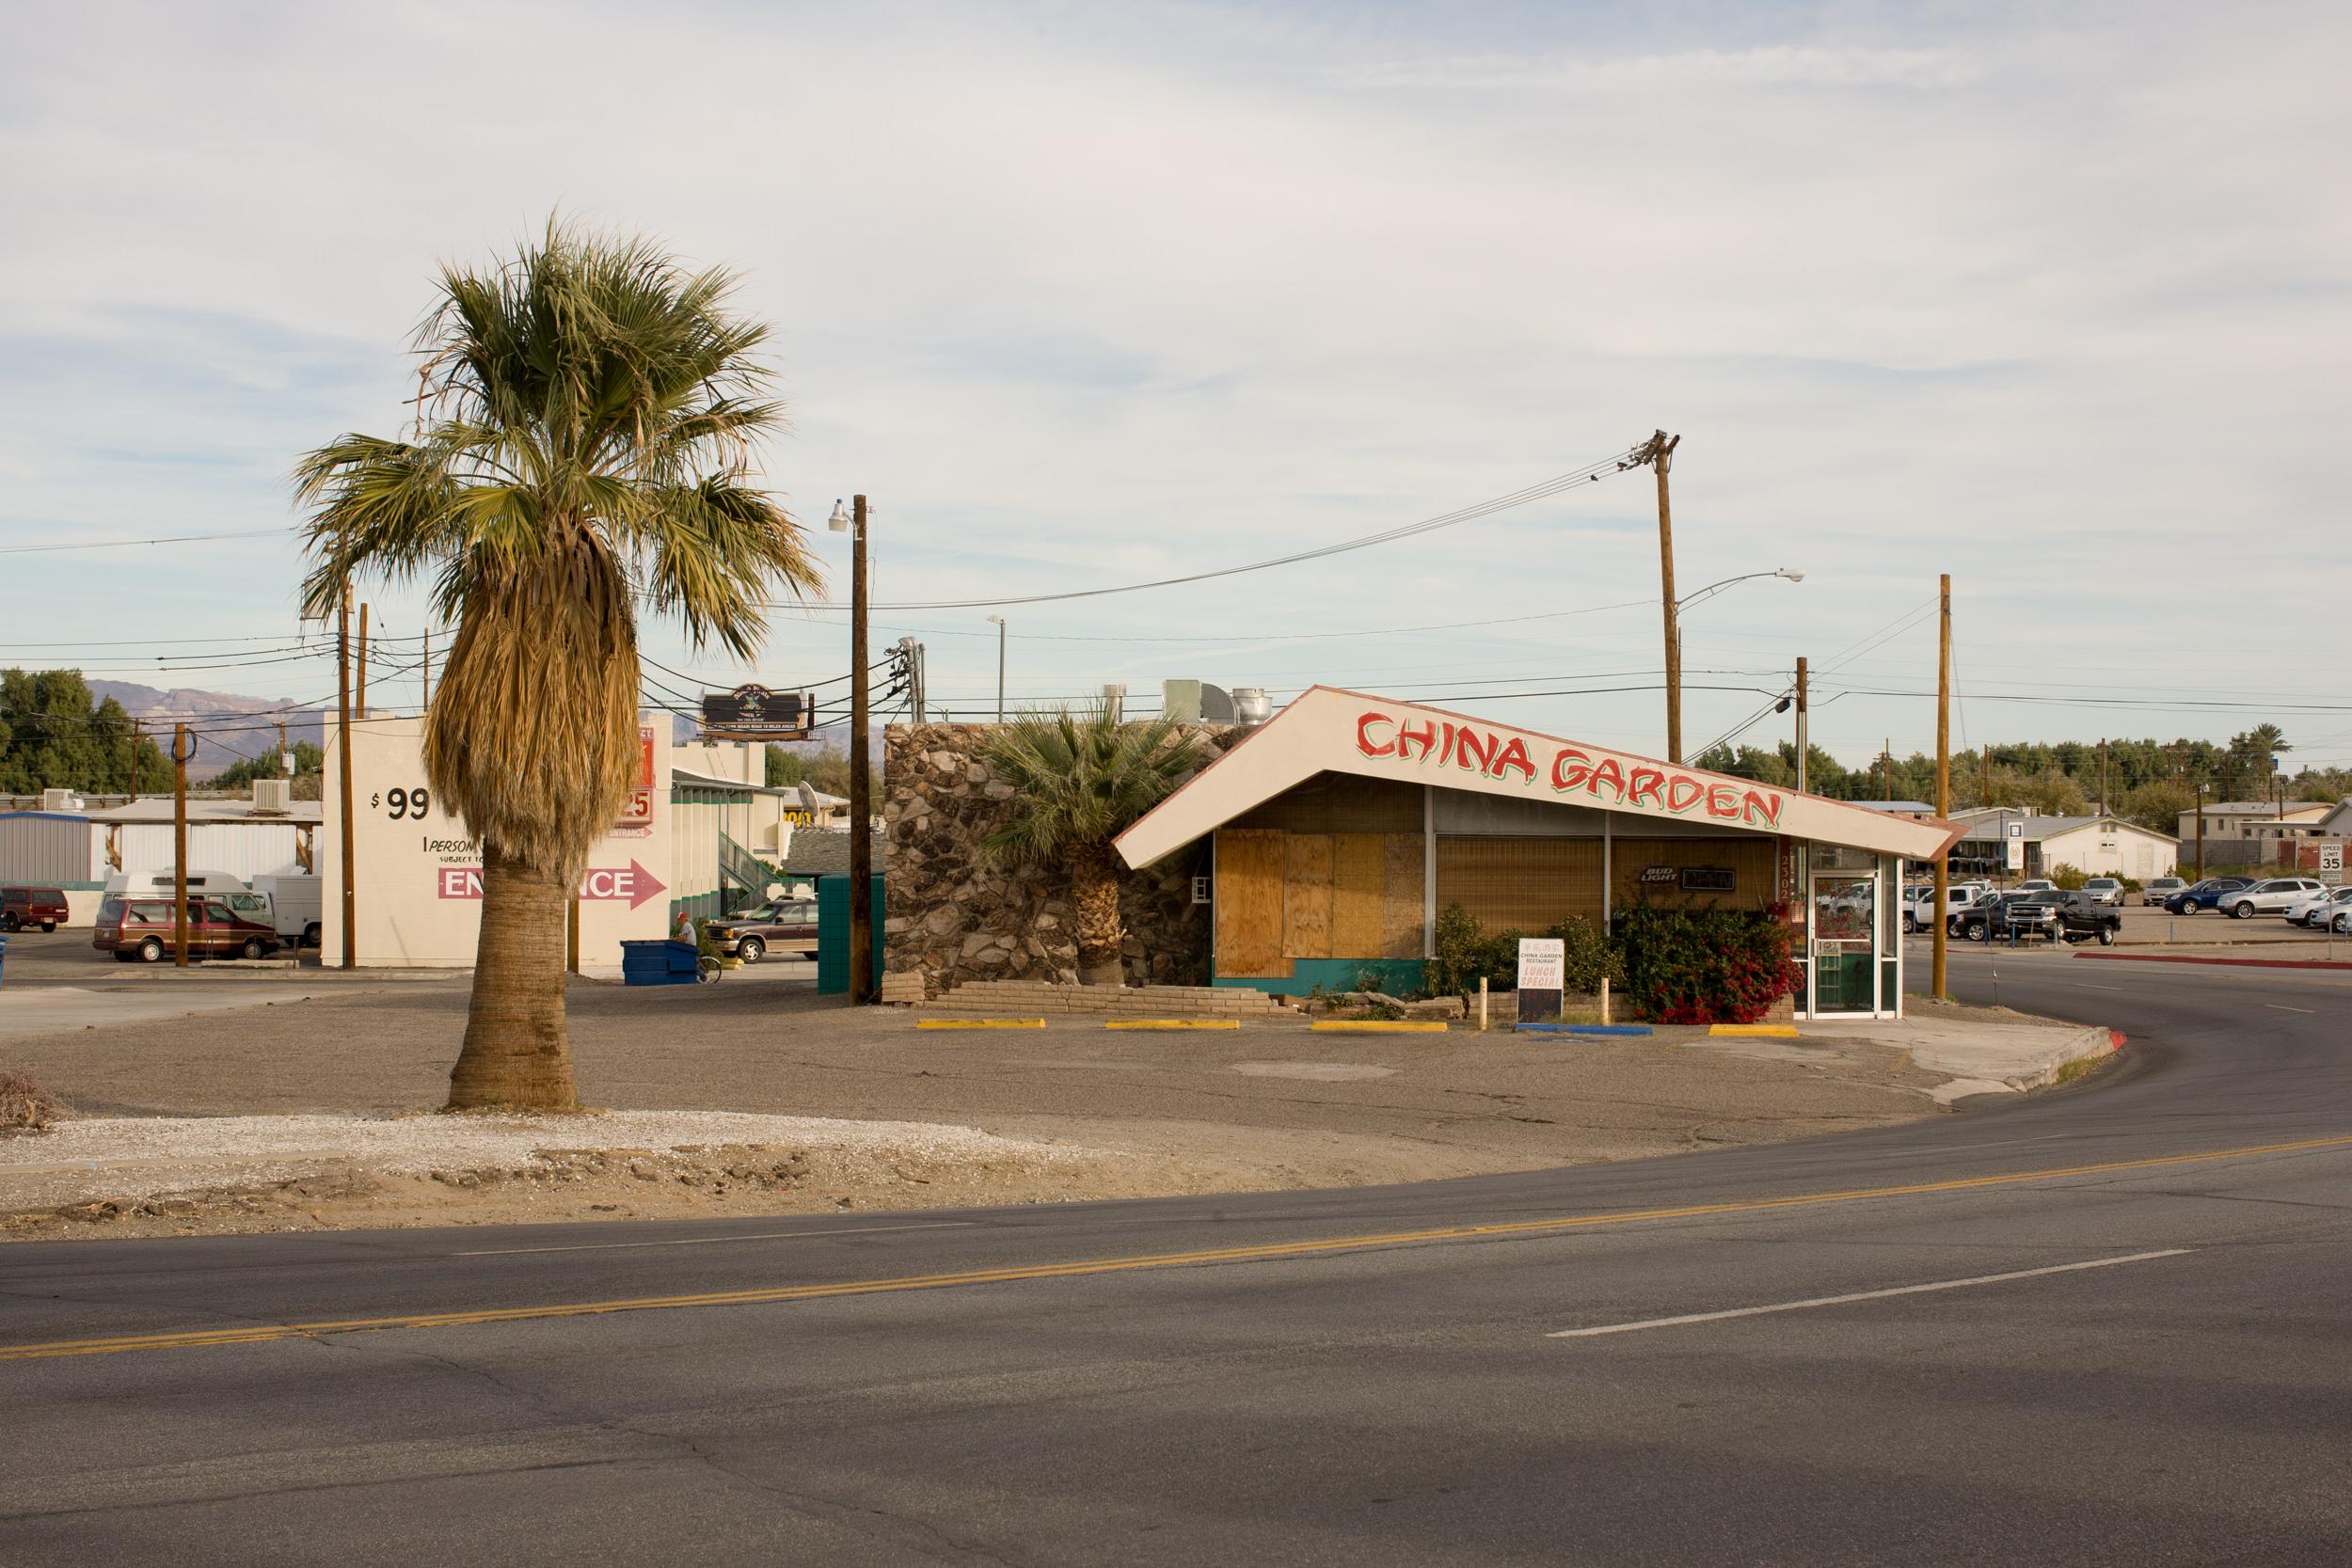 La  foto  pertenece a Liz Kuball, de su serie California Vernacular